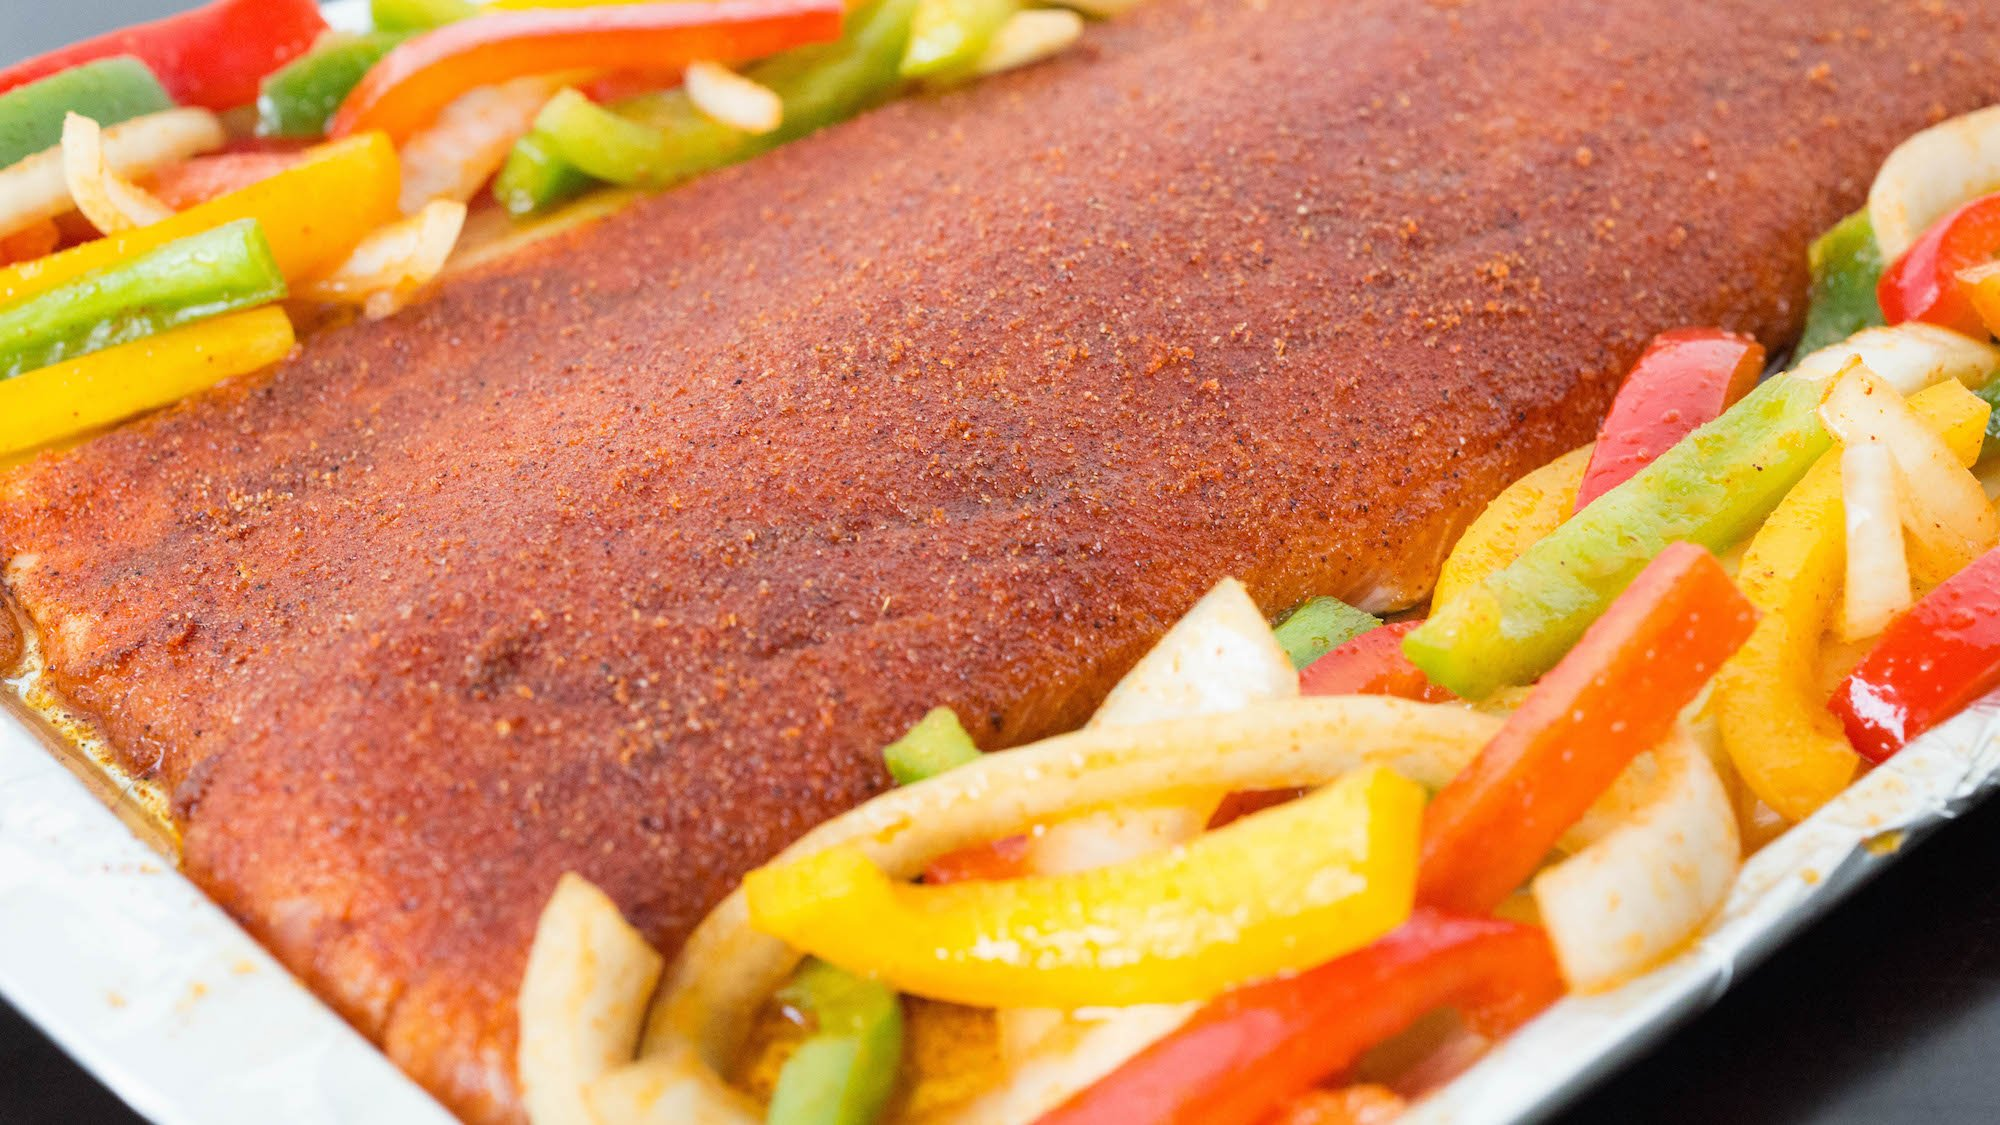 Easy One Pan Fajita Salmon Amp Peppers Recipe